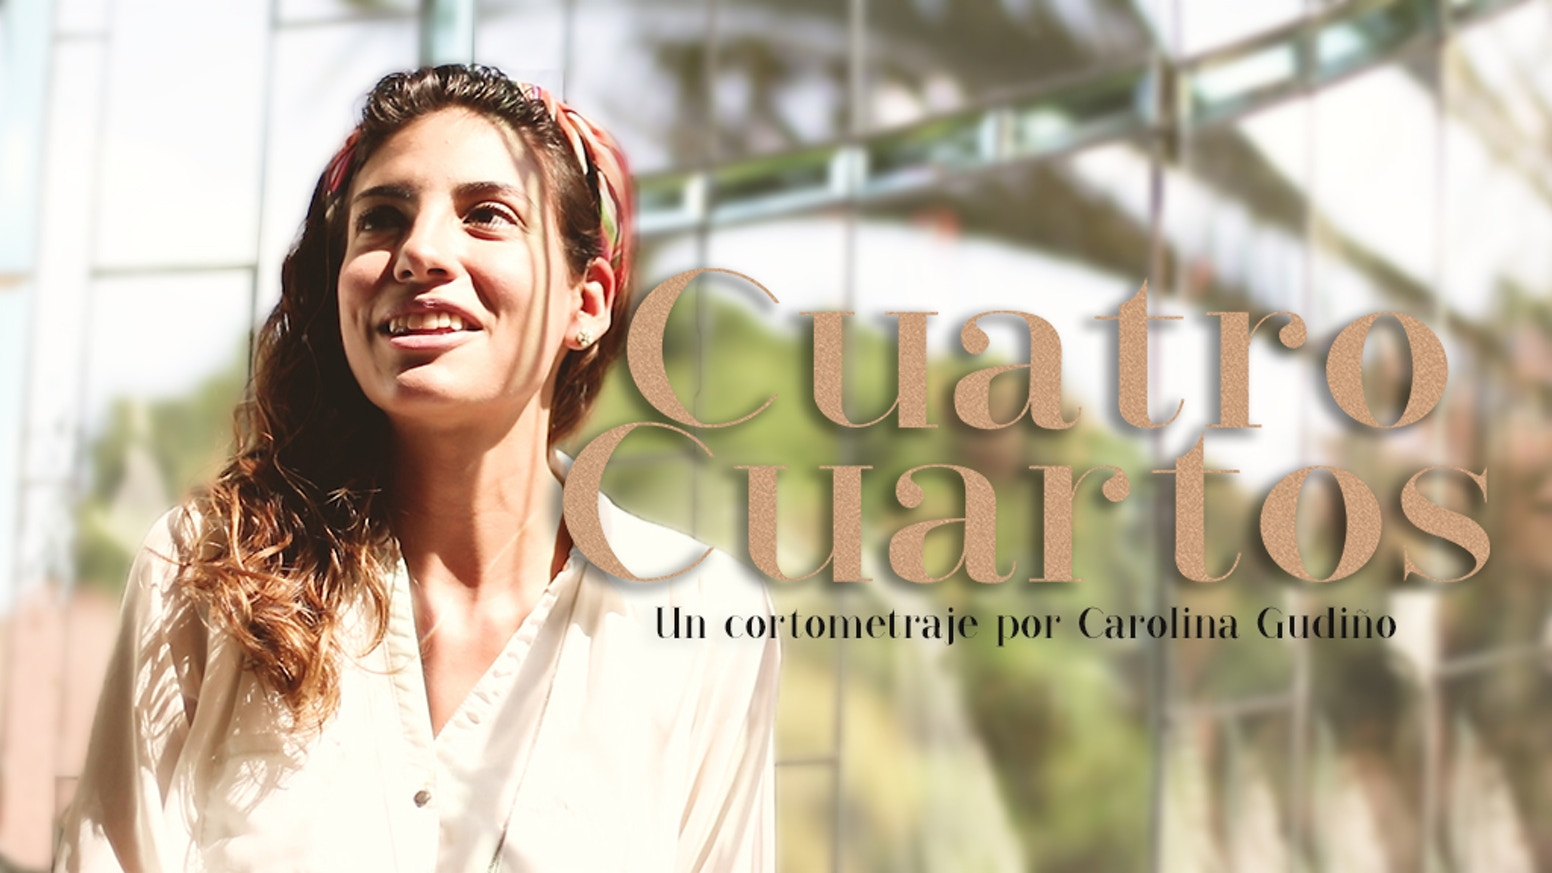 Cuatro Cuartos Cortometraje by Cuatro cuartos cortometraje ...